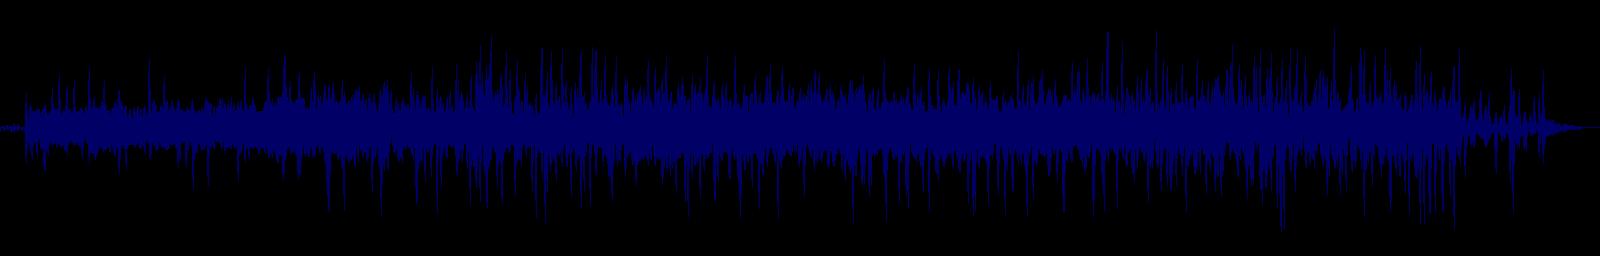 waveform of track #153102